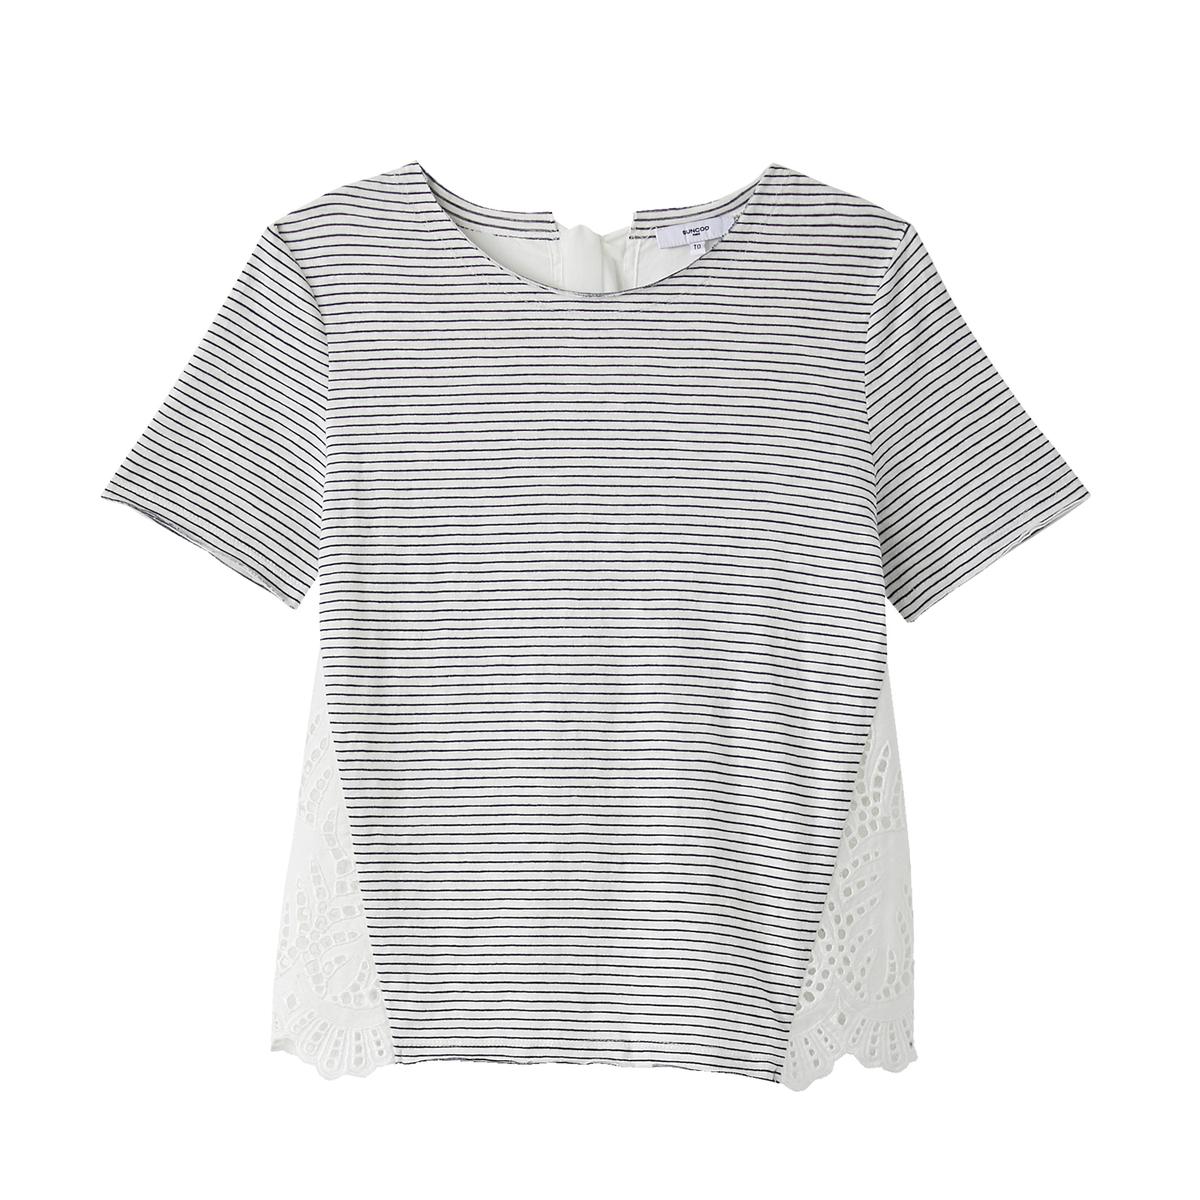 T-shirt de gola redonda, mangas curtas, às riscas